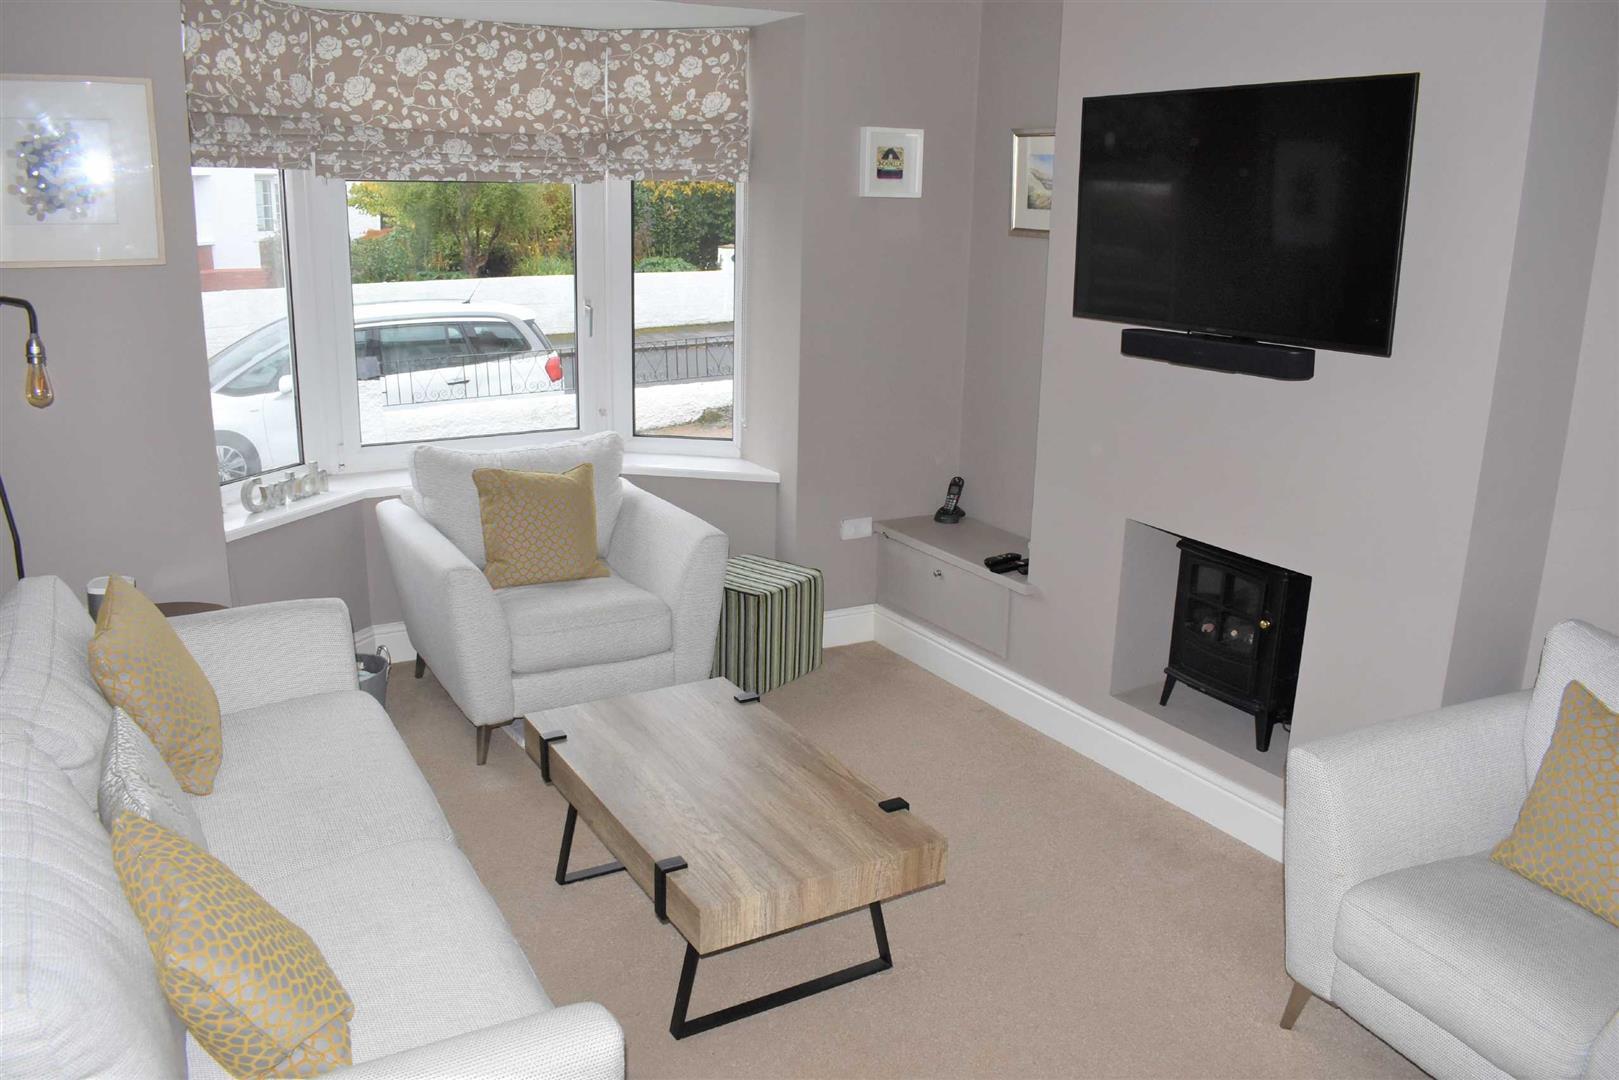 Grange Road, West Cross, Swansea, SA3 5ES